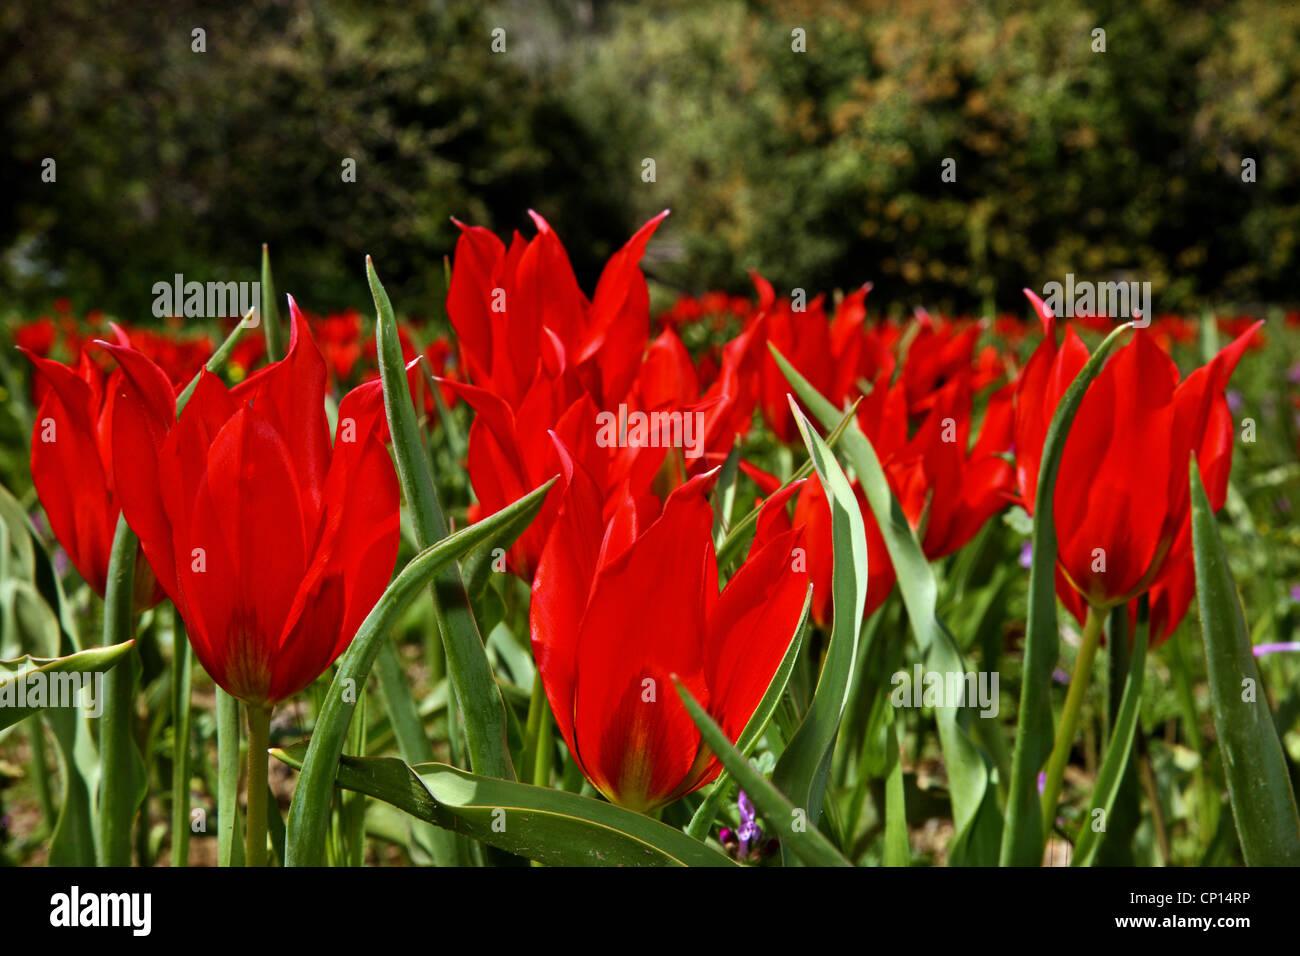 """Schöne Tulpen von Chios Insel, genannt """"Lalades"""" von den Einheimischen. Nordöstliche Ägäis, Stockbild"""